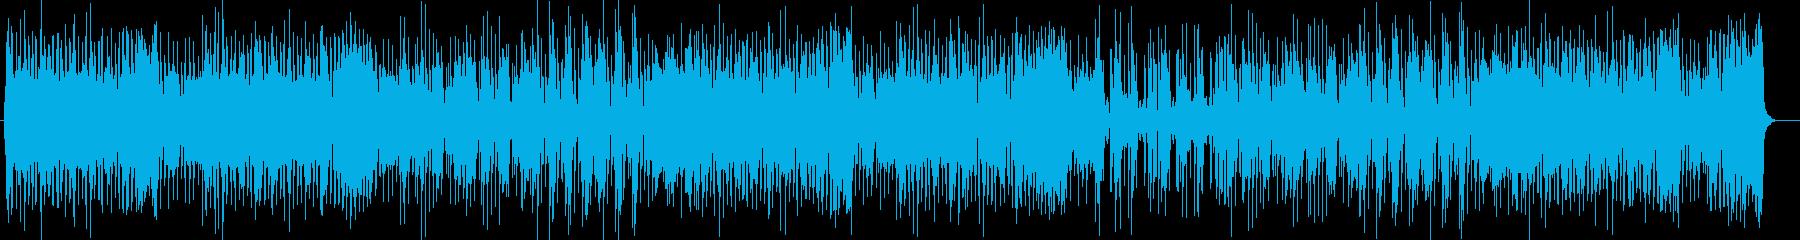 ややアップテンポのシンセサイザー楽曲の再生済みの波形